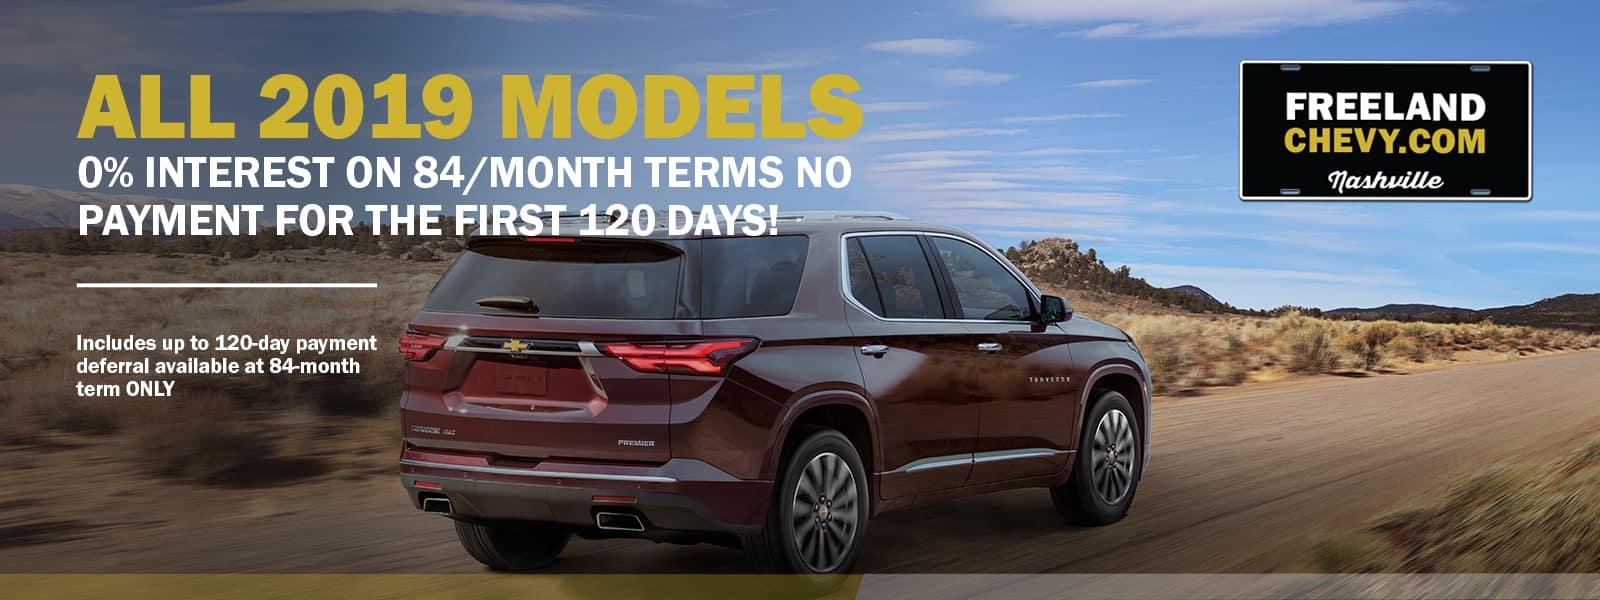 2019 Vehicle Specials